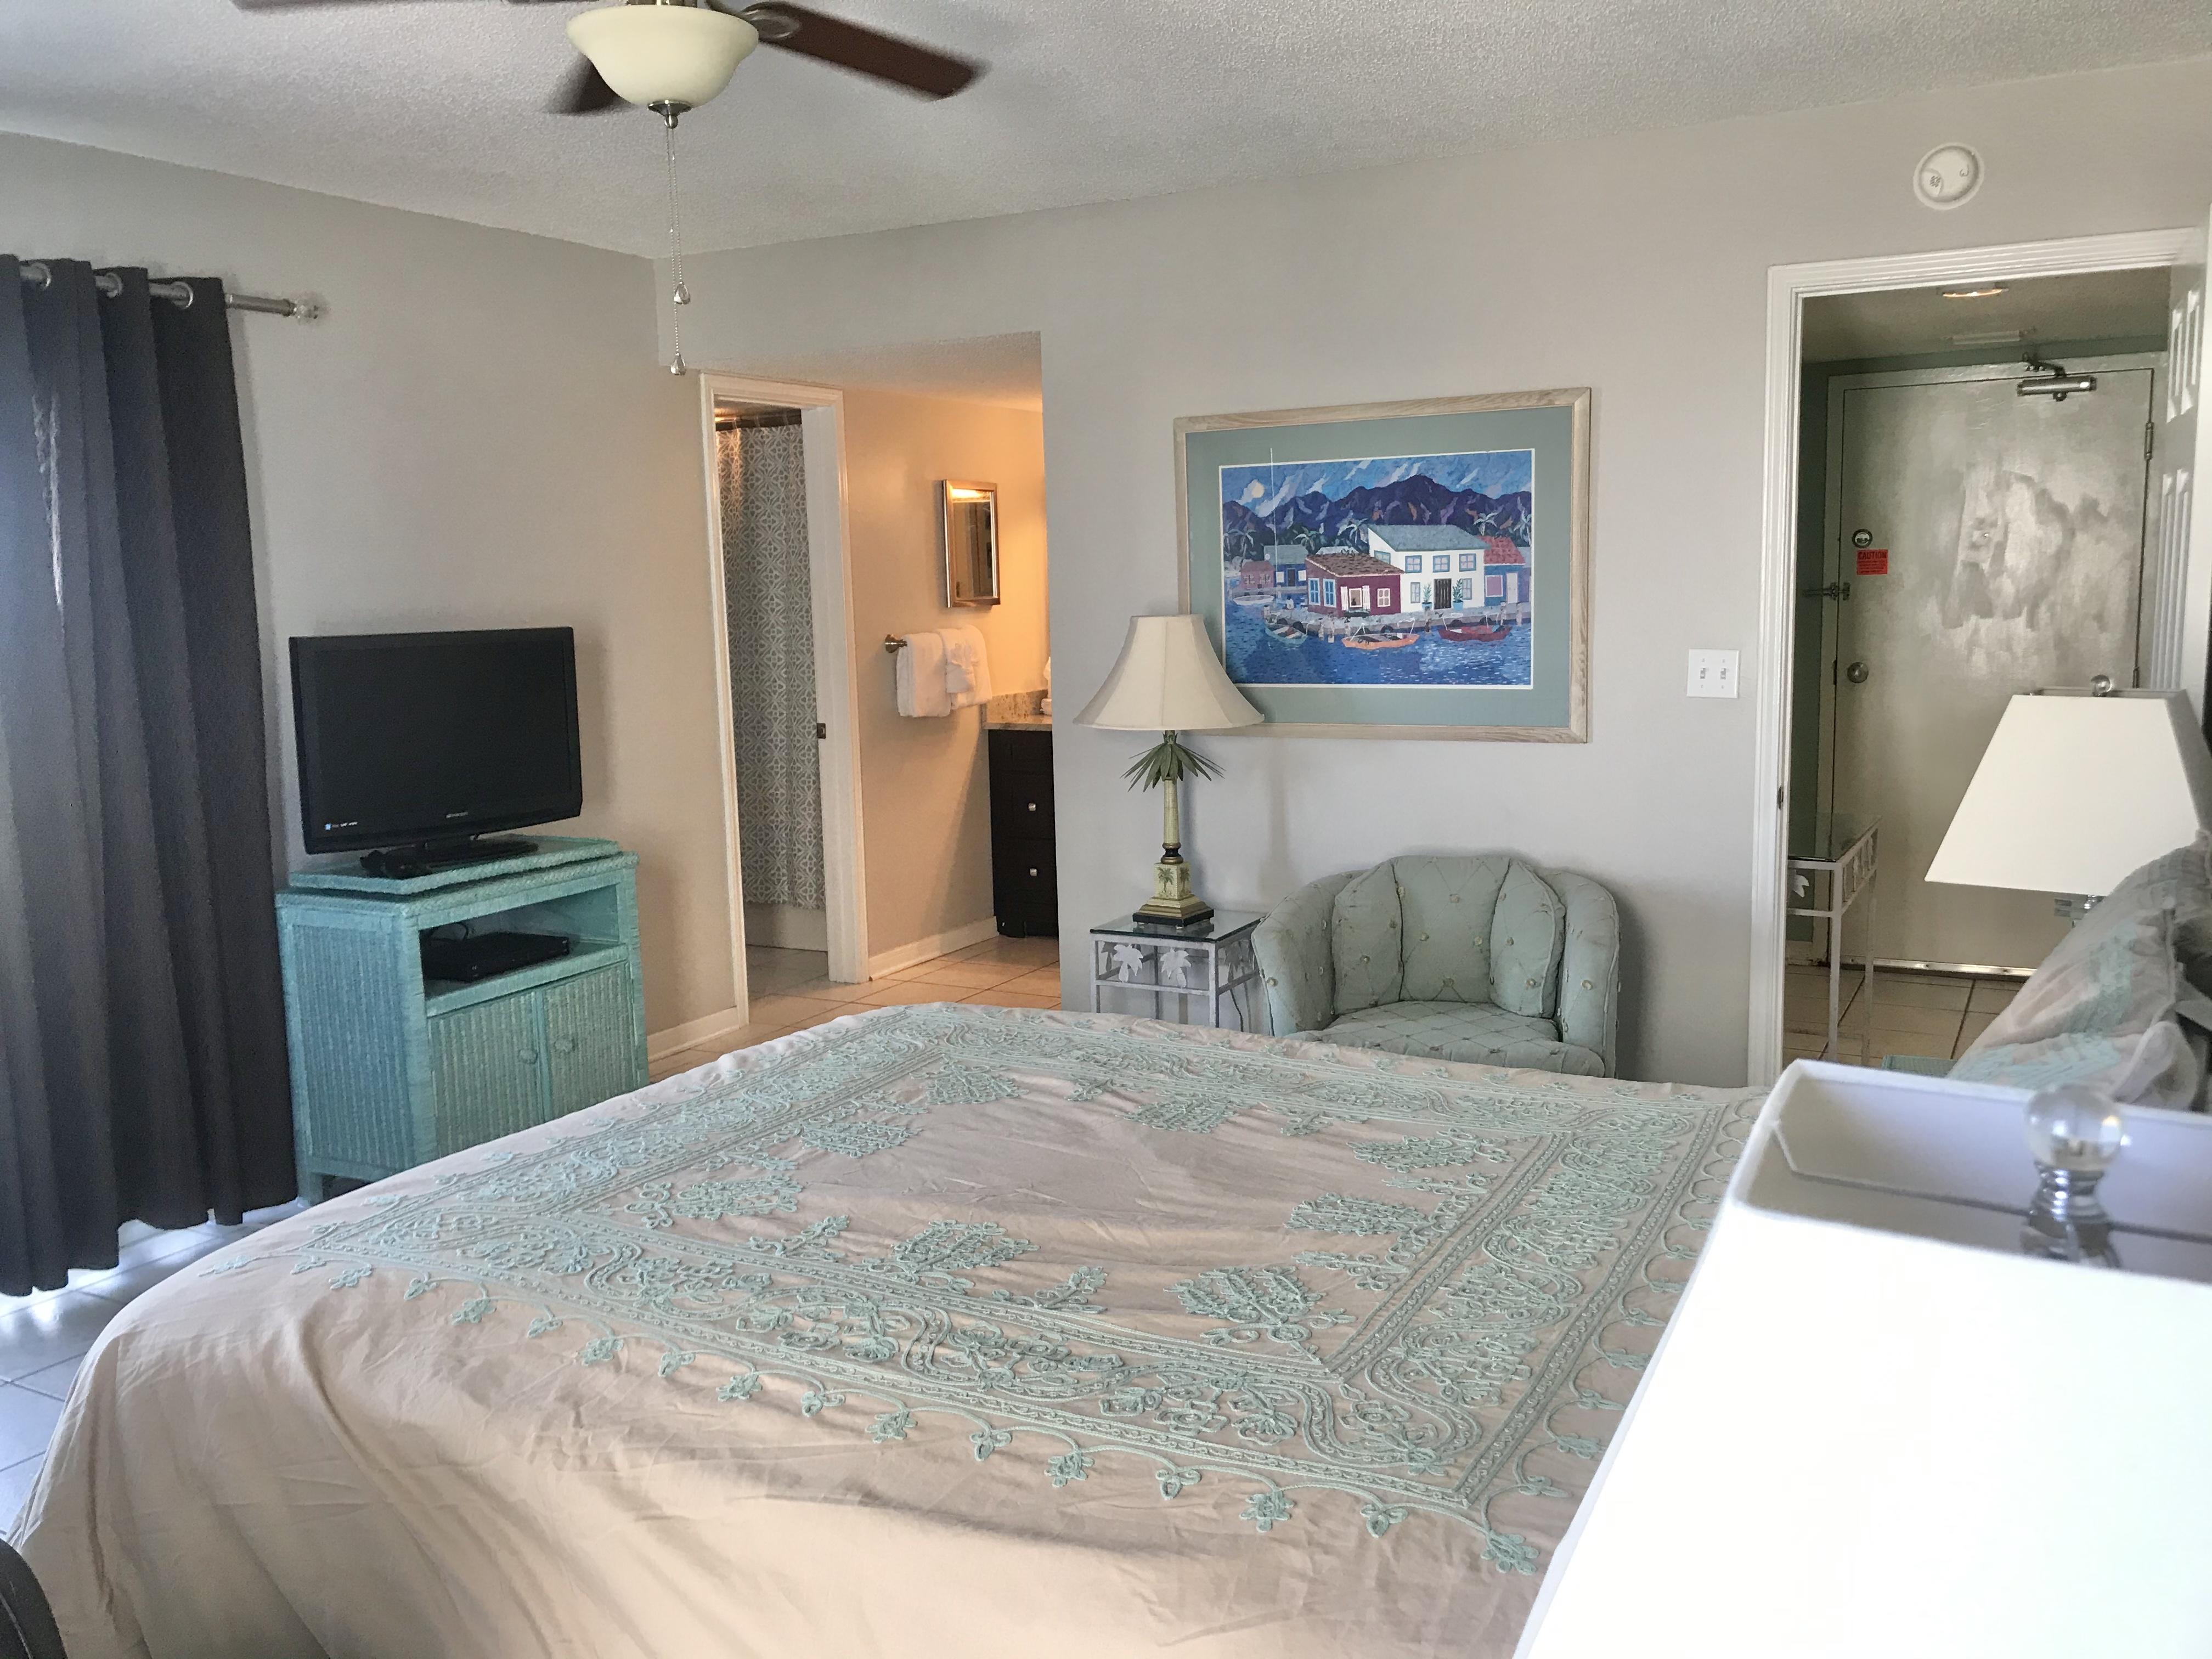 Ocean House 2306 Condo rental in Ocean House - Gulf Shores in Gulf Shores Alabama - #24